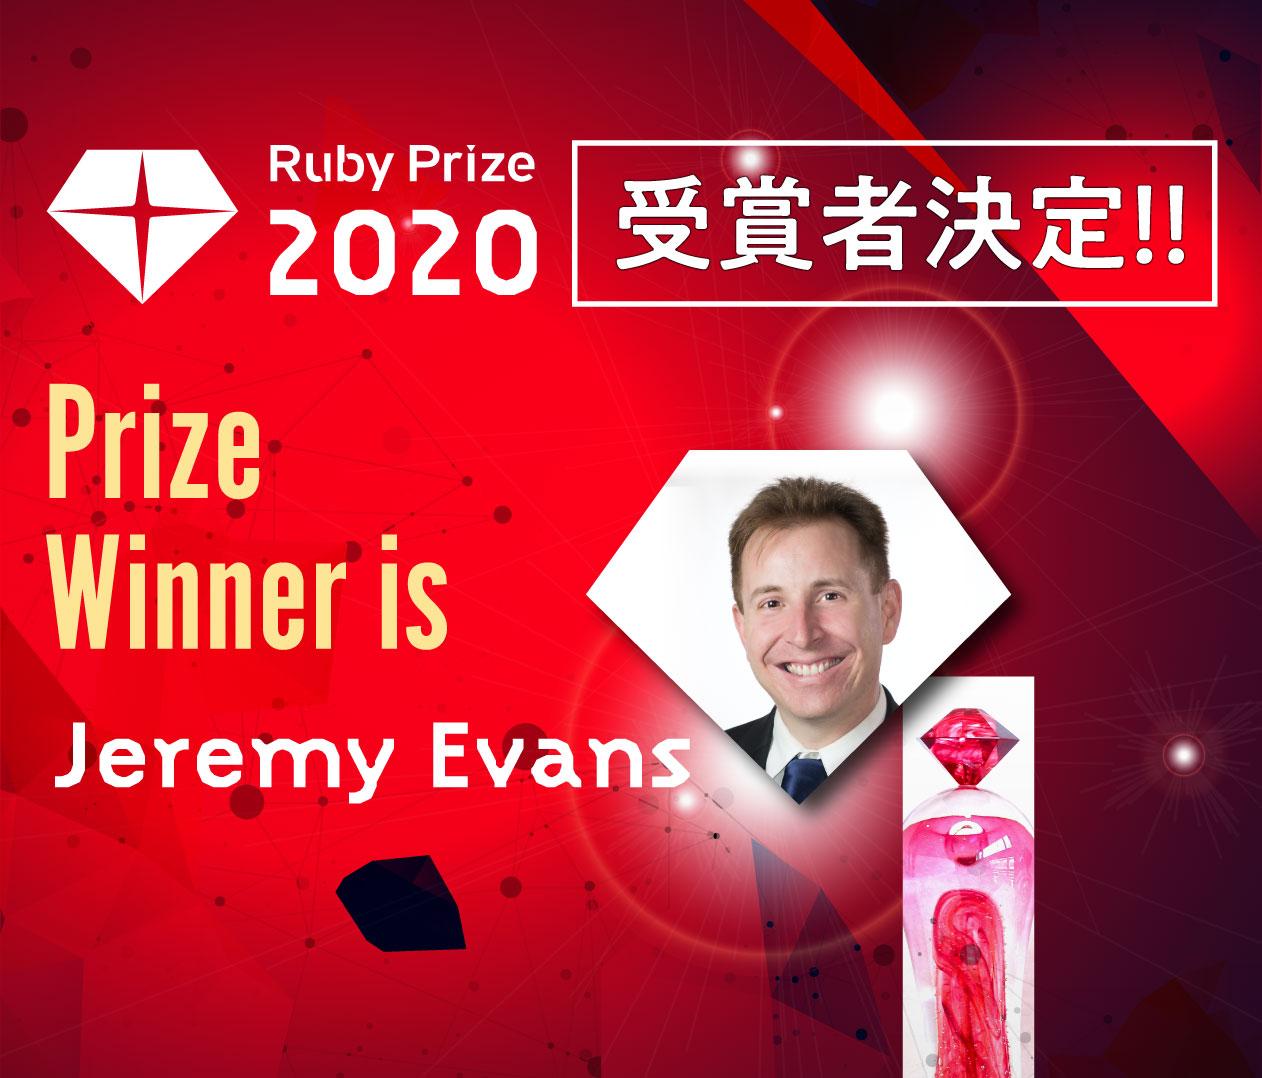 RubyPrize2020/Jeremy Evans